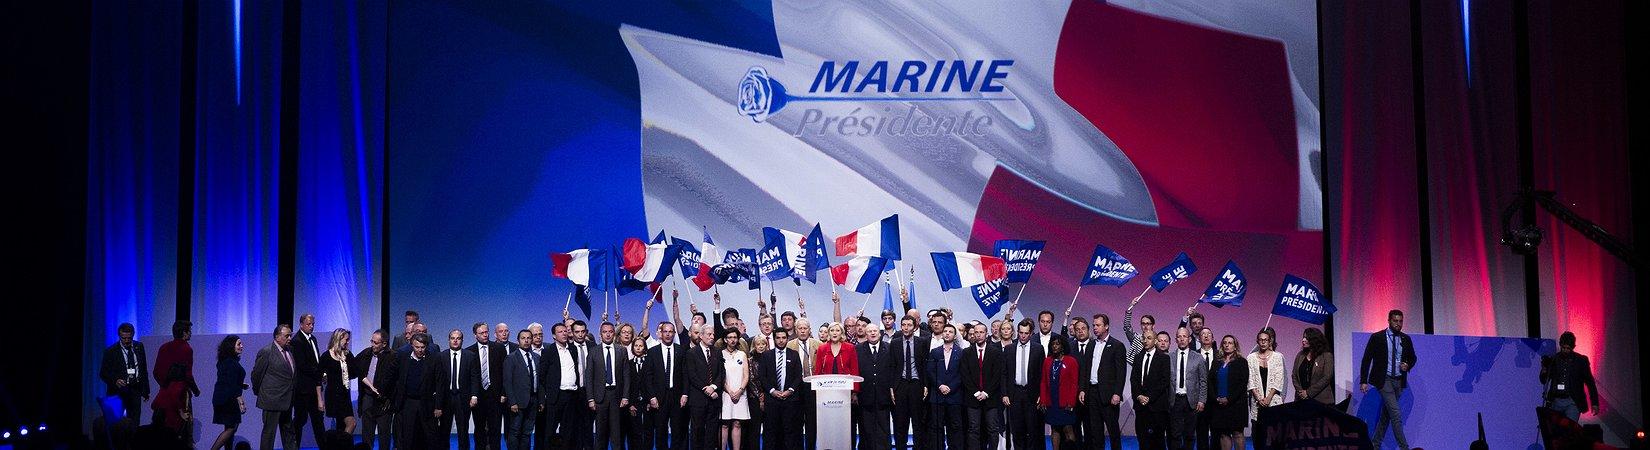 Le elezioni in Francia possono sconvolgere i mercati